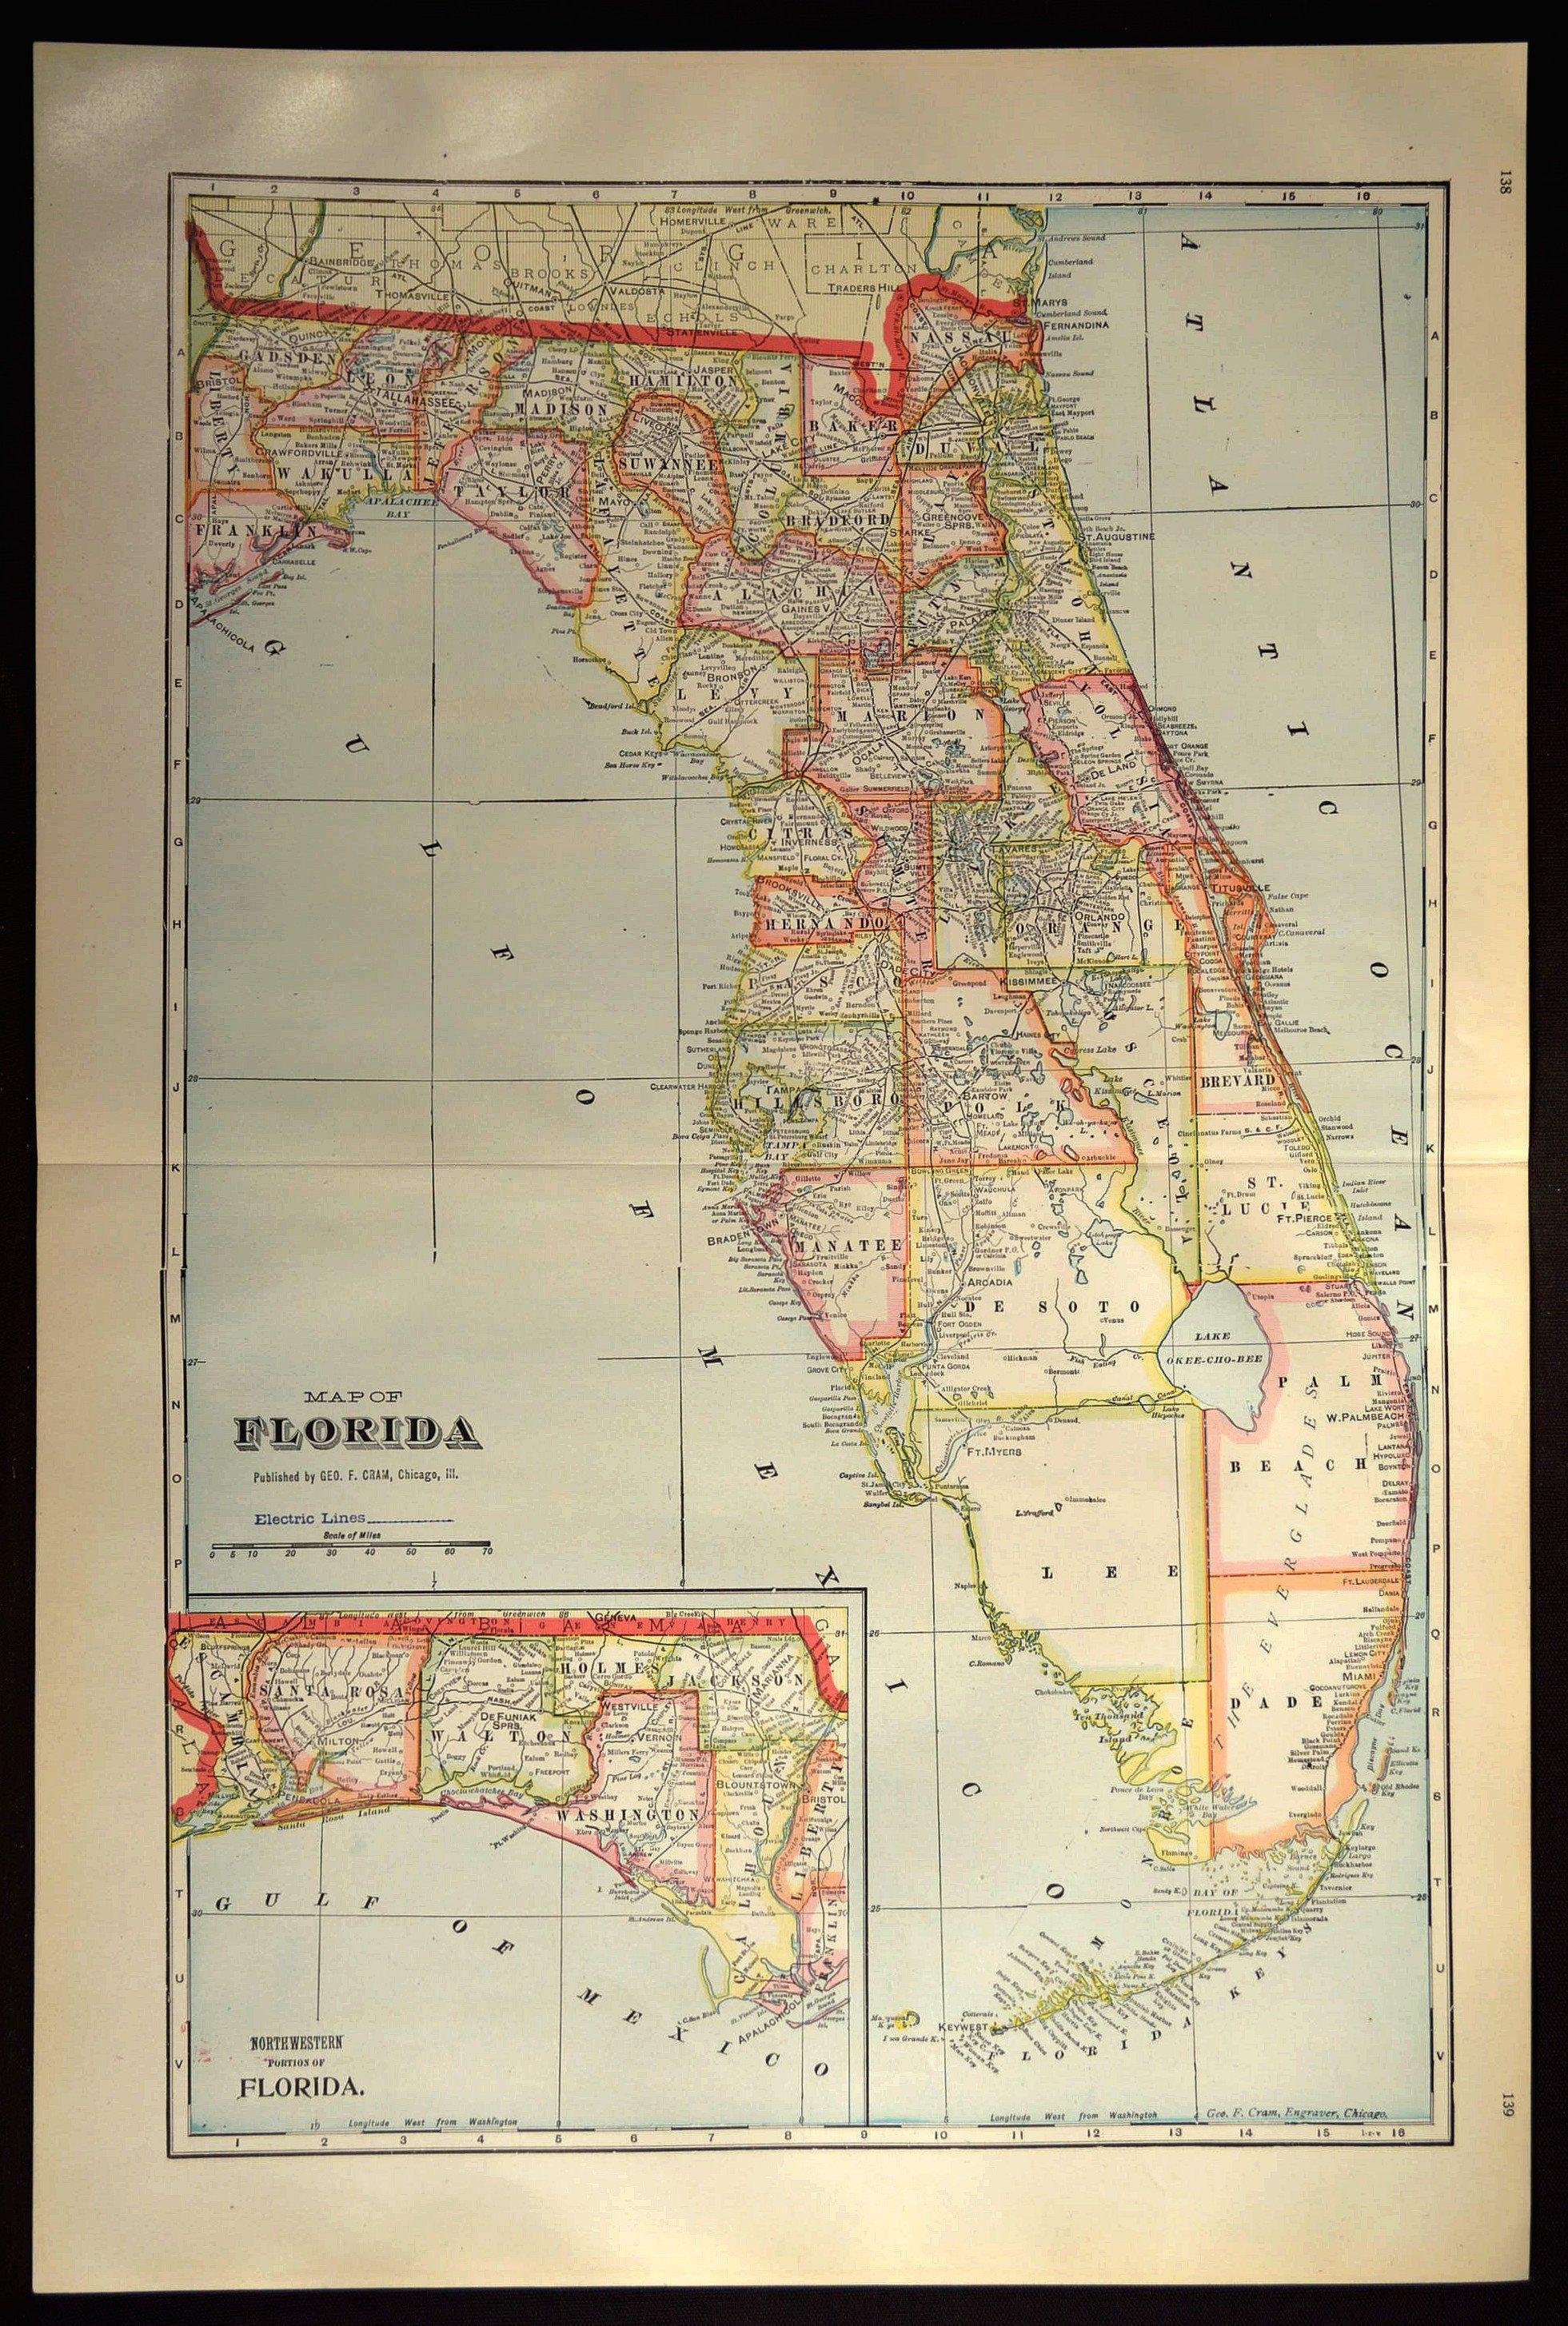 Florida Map Of Florida Wall Decor Art Large Antique Colorful County - Map Of Florida Wall Art